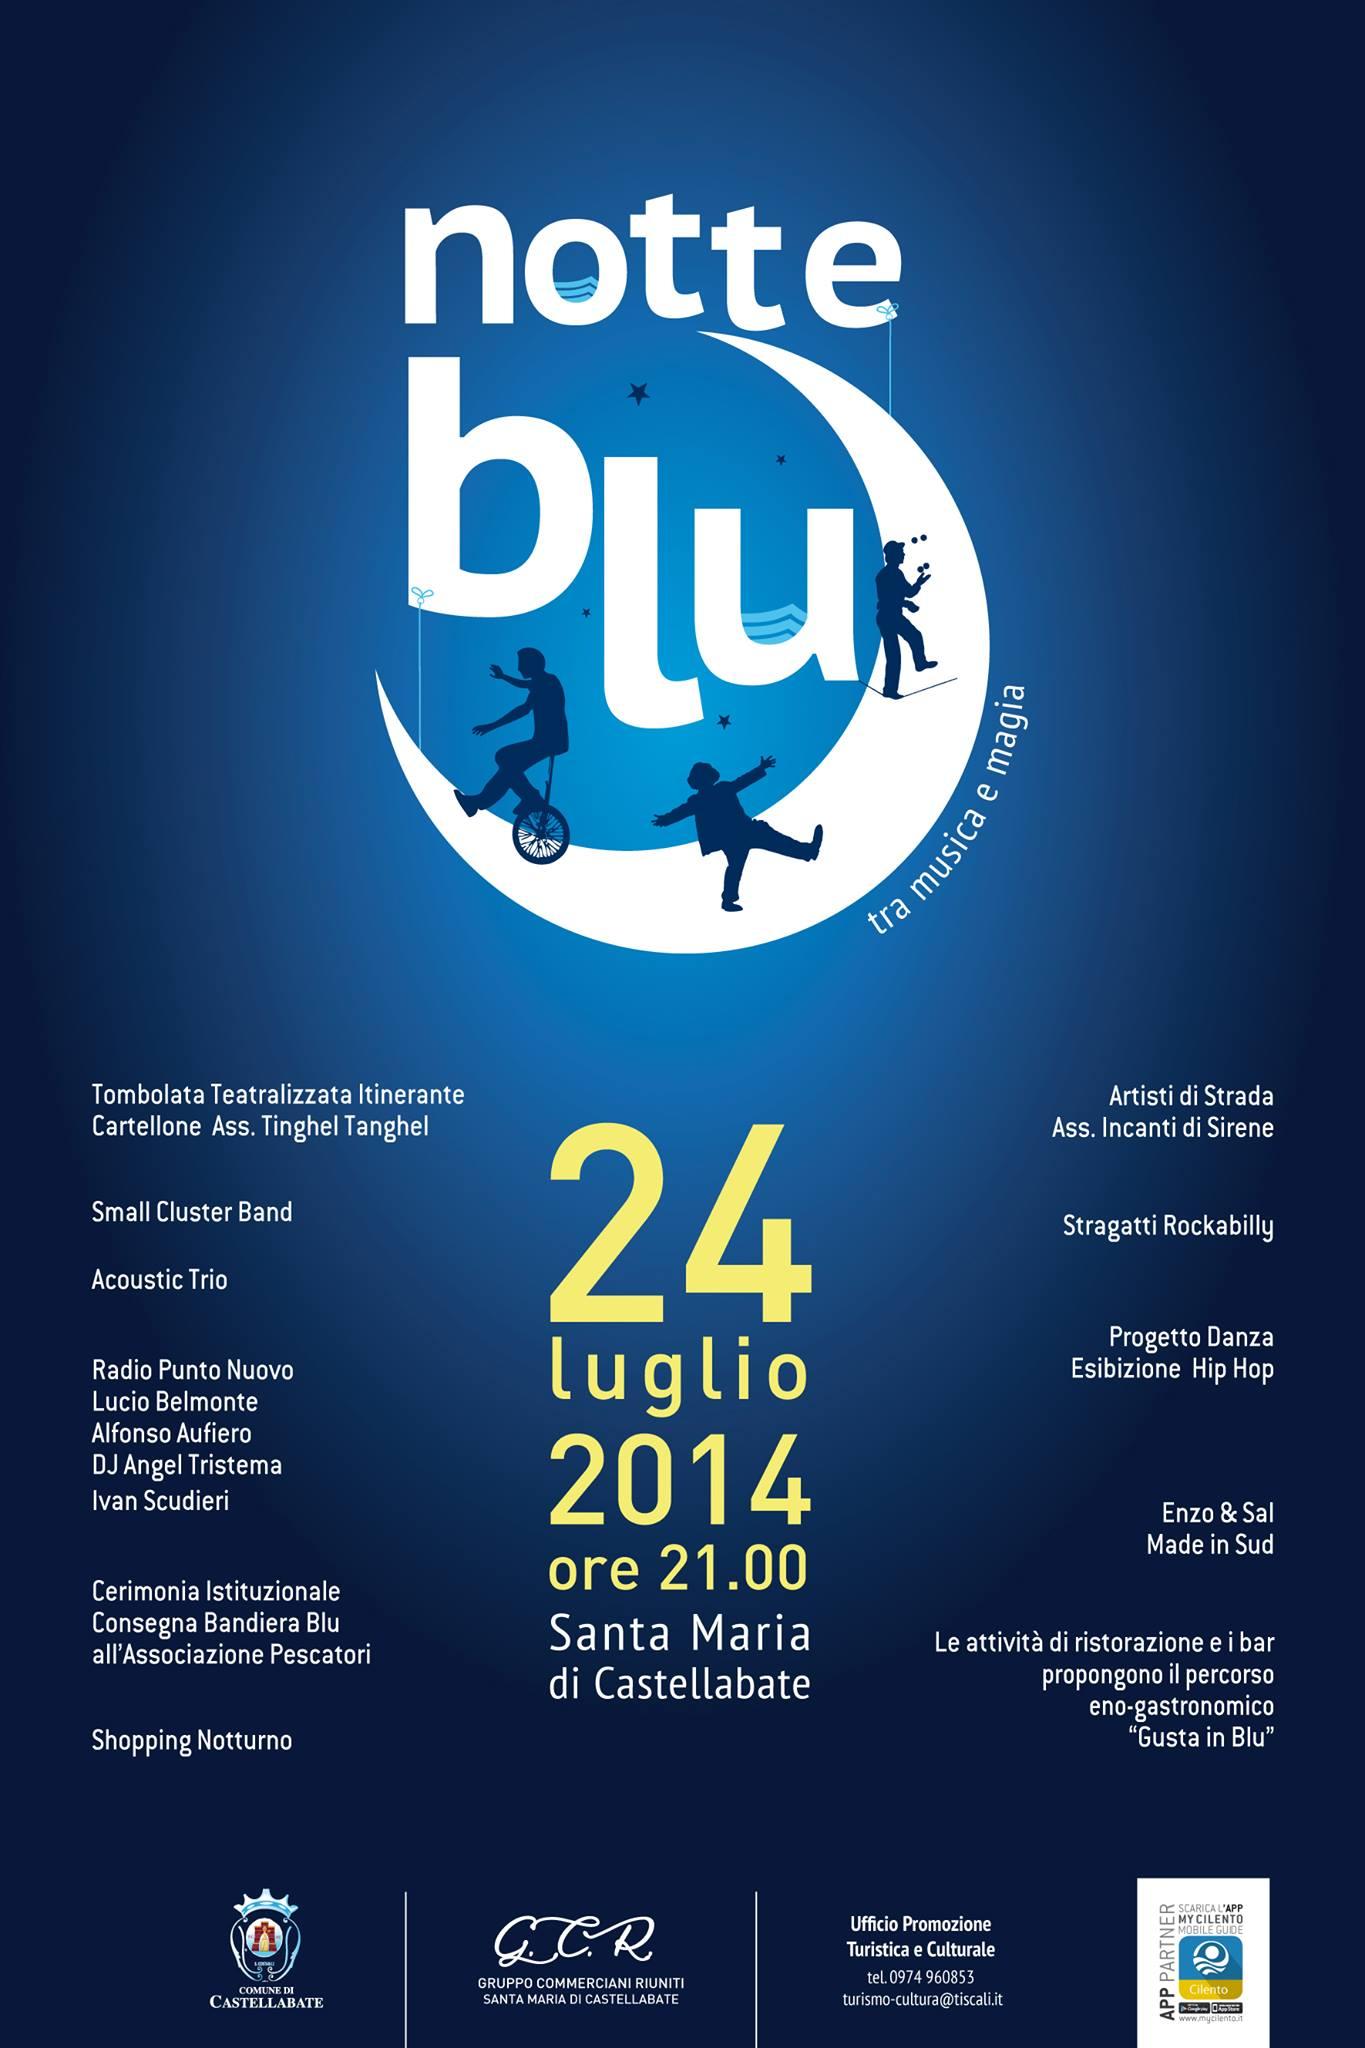 notte blu 2014